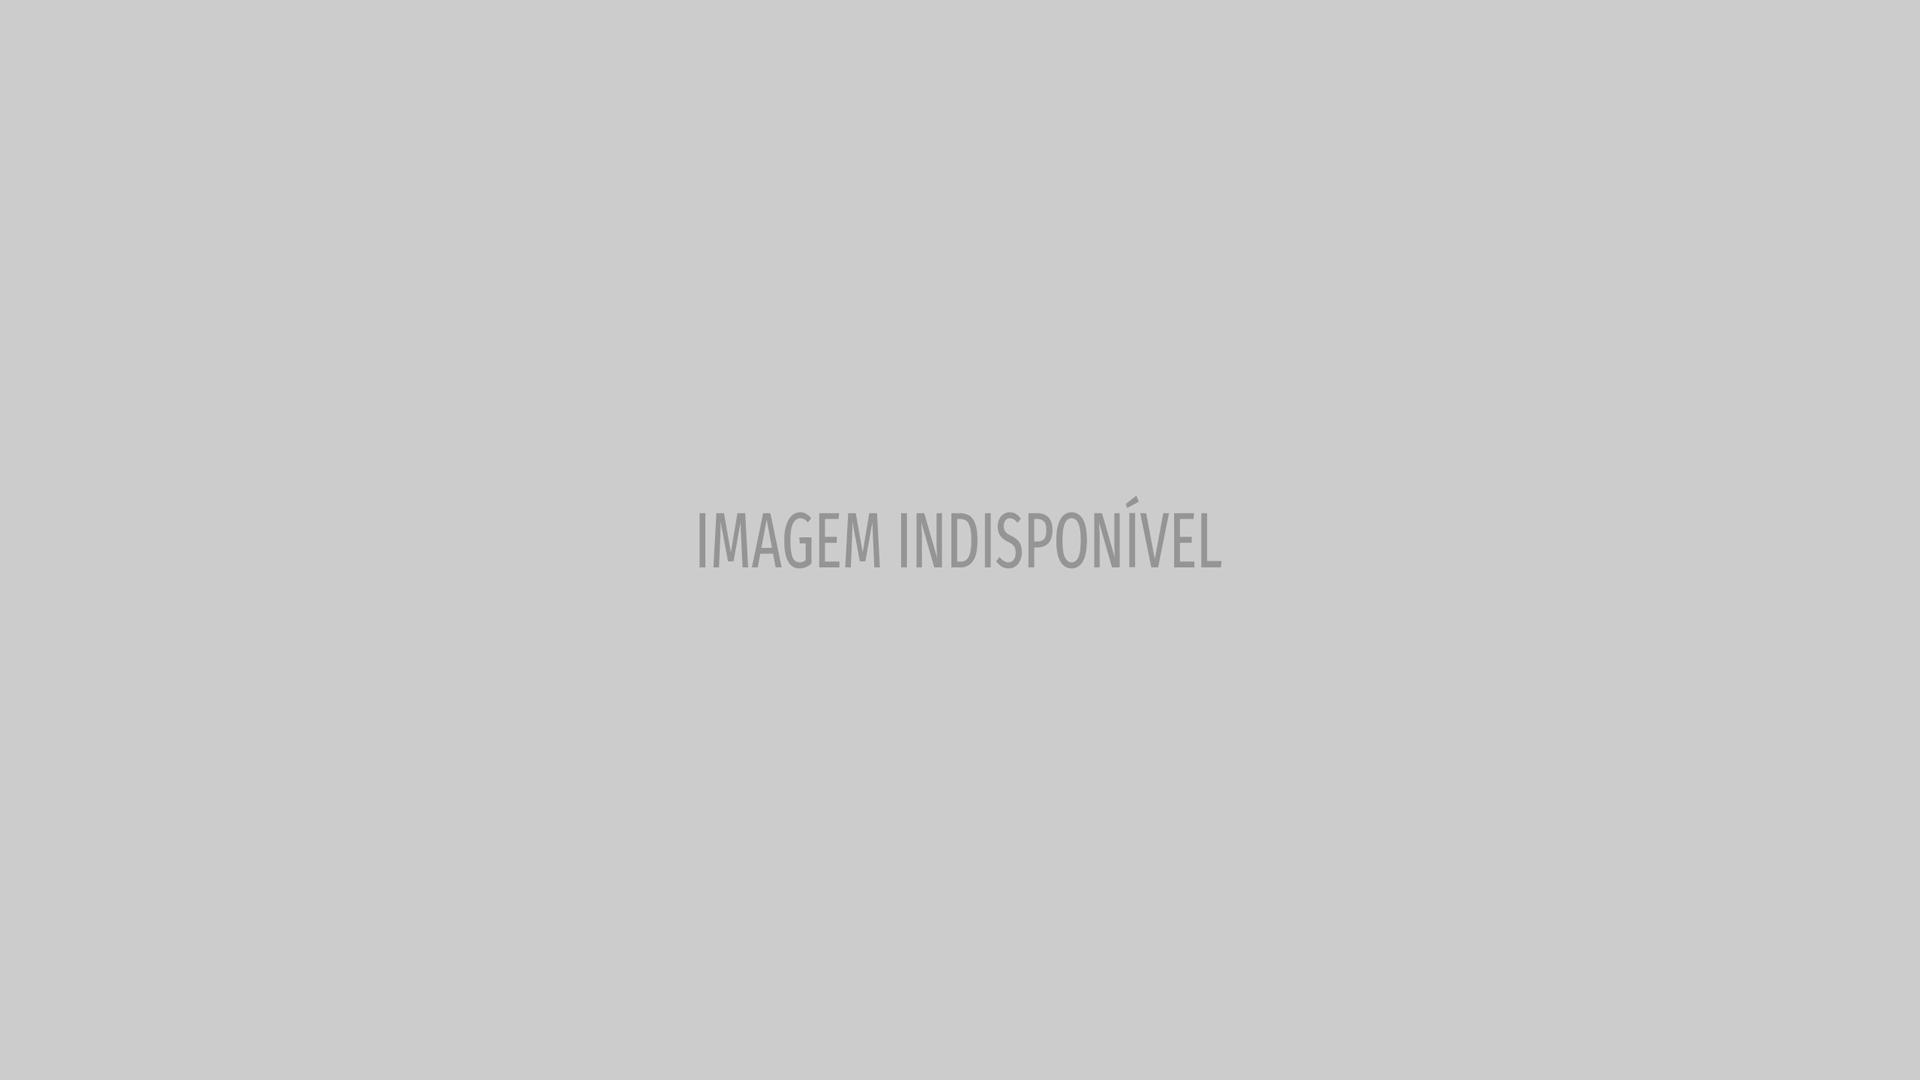 Zilu posta foto beijando o namorado: 'Minha paixão mais linda'